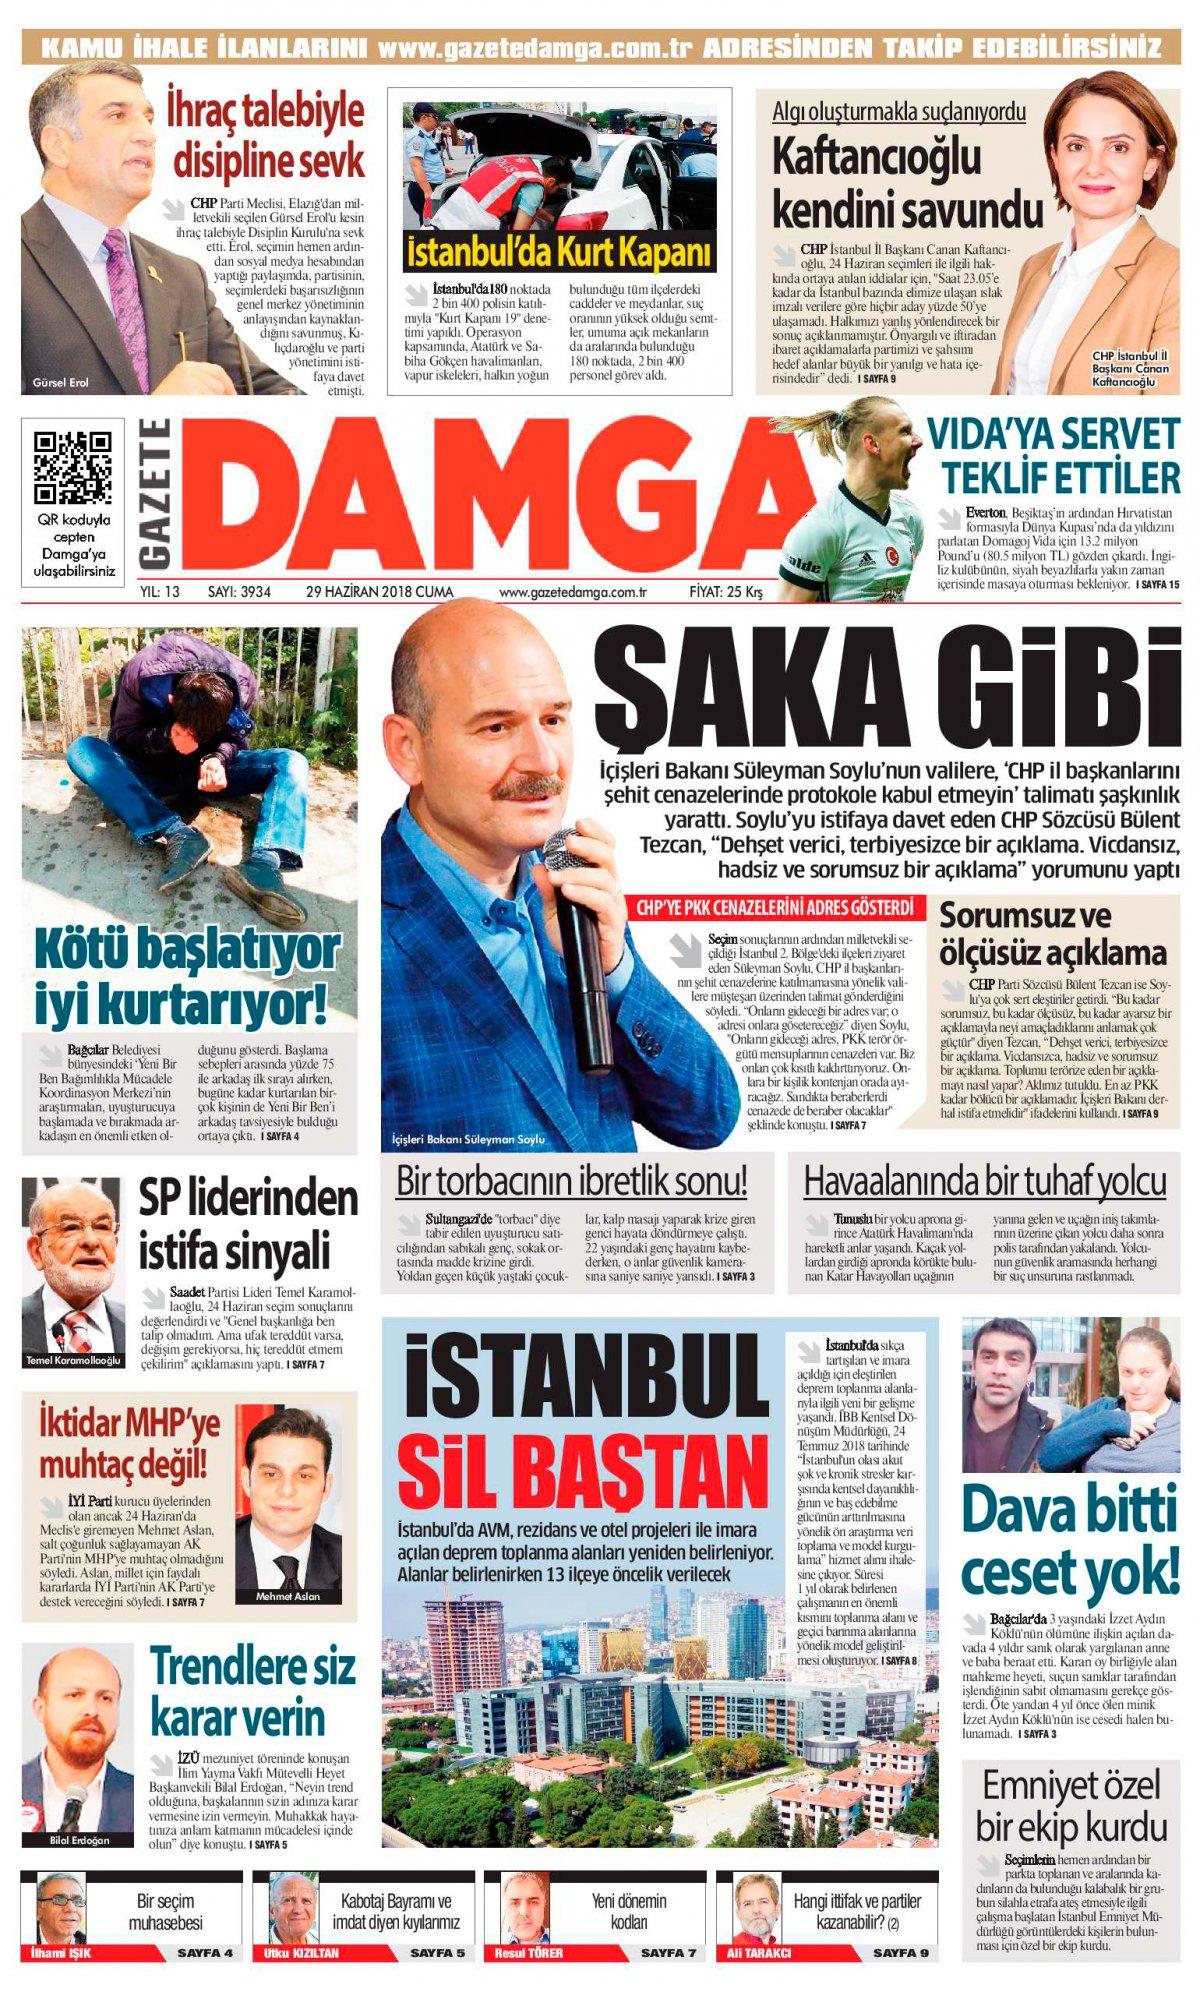 Gazete Damga - 29.06.2018 Manşeti